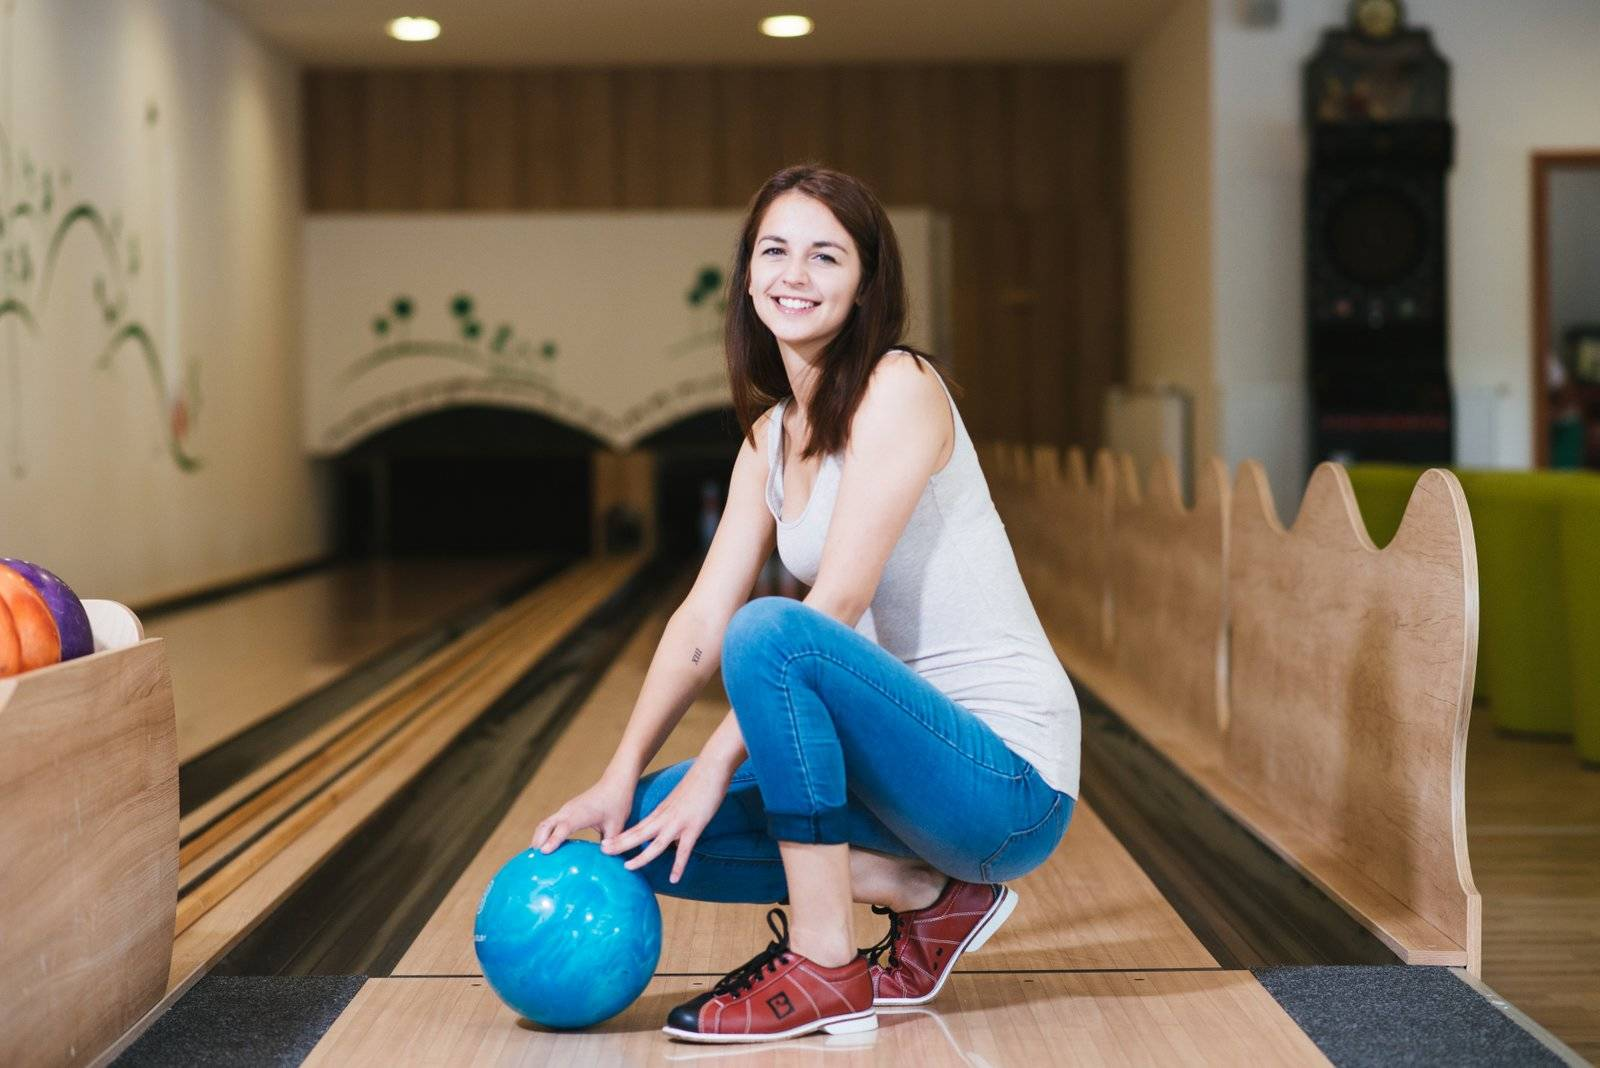 Zselicvölgy Szabadidőfarm Hajmás - Bowling terem